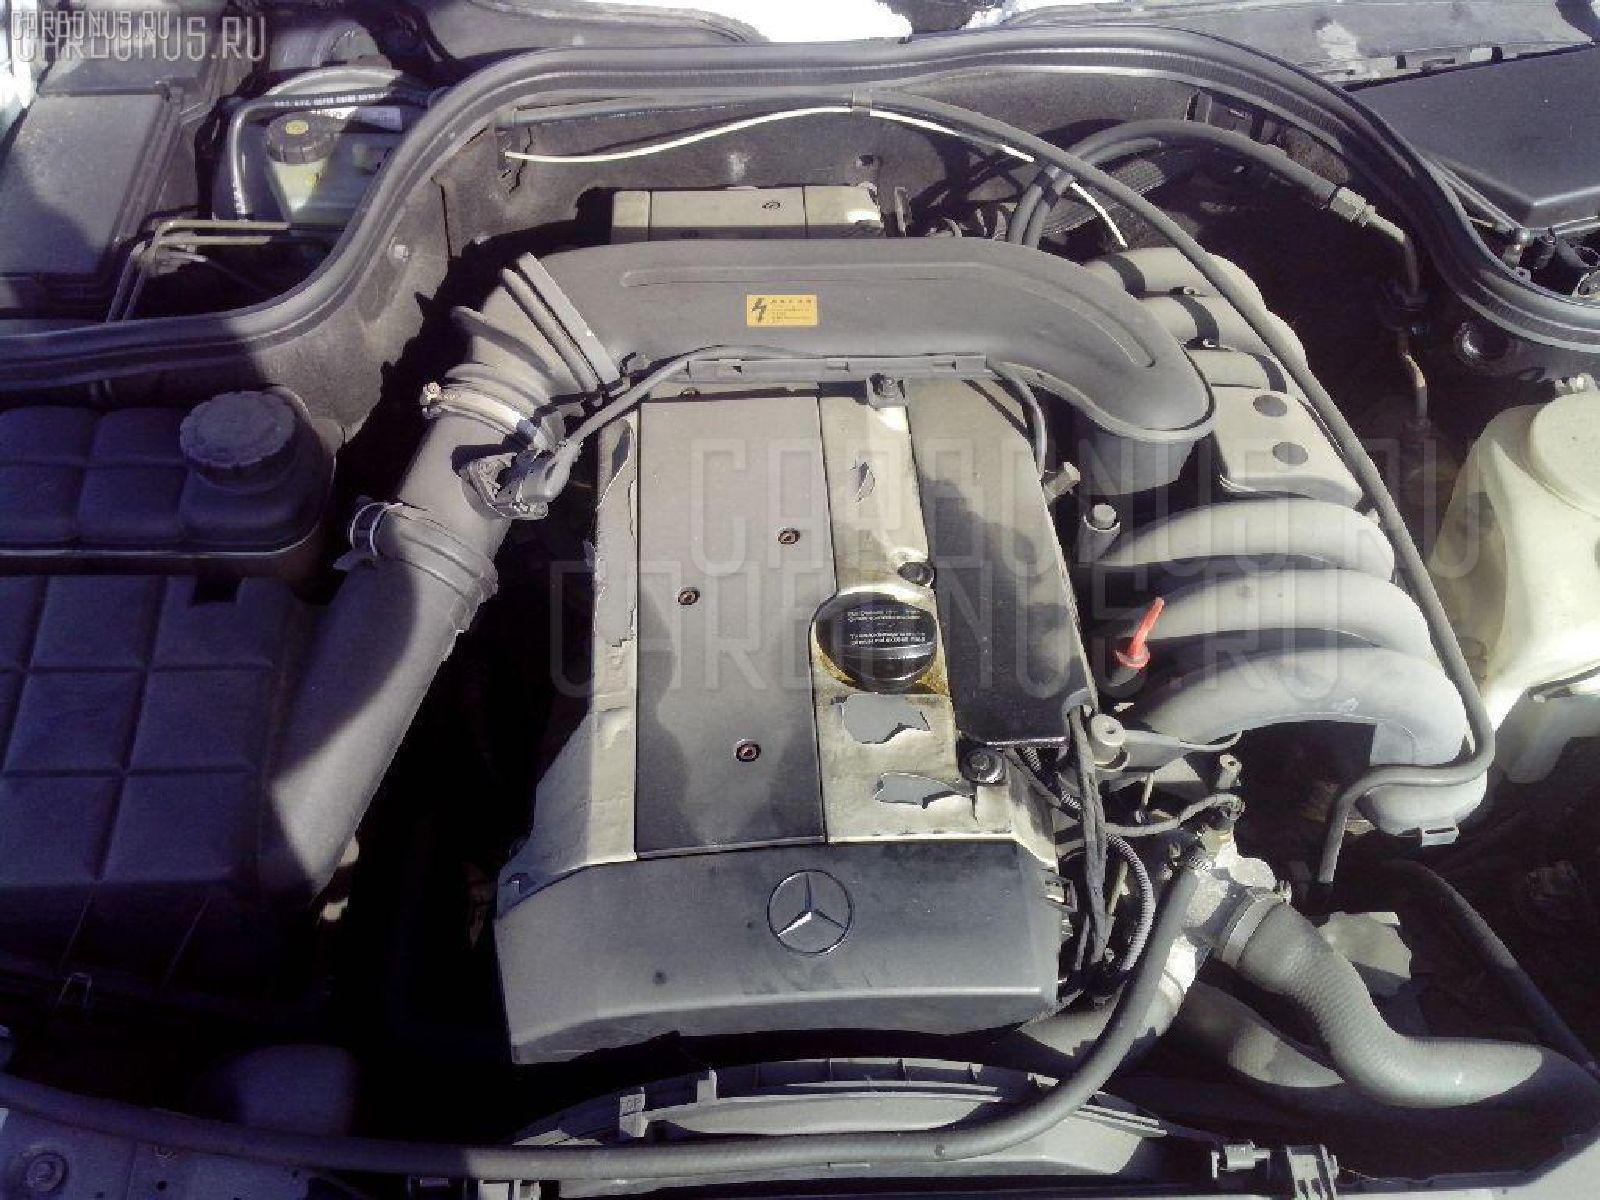 Клапан вентиляции топливного бака MERCEDES-BENZ C-CLASS W202.028 104.941 Фото 6